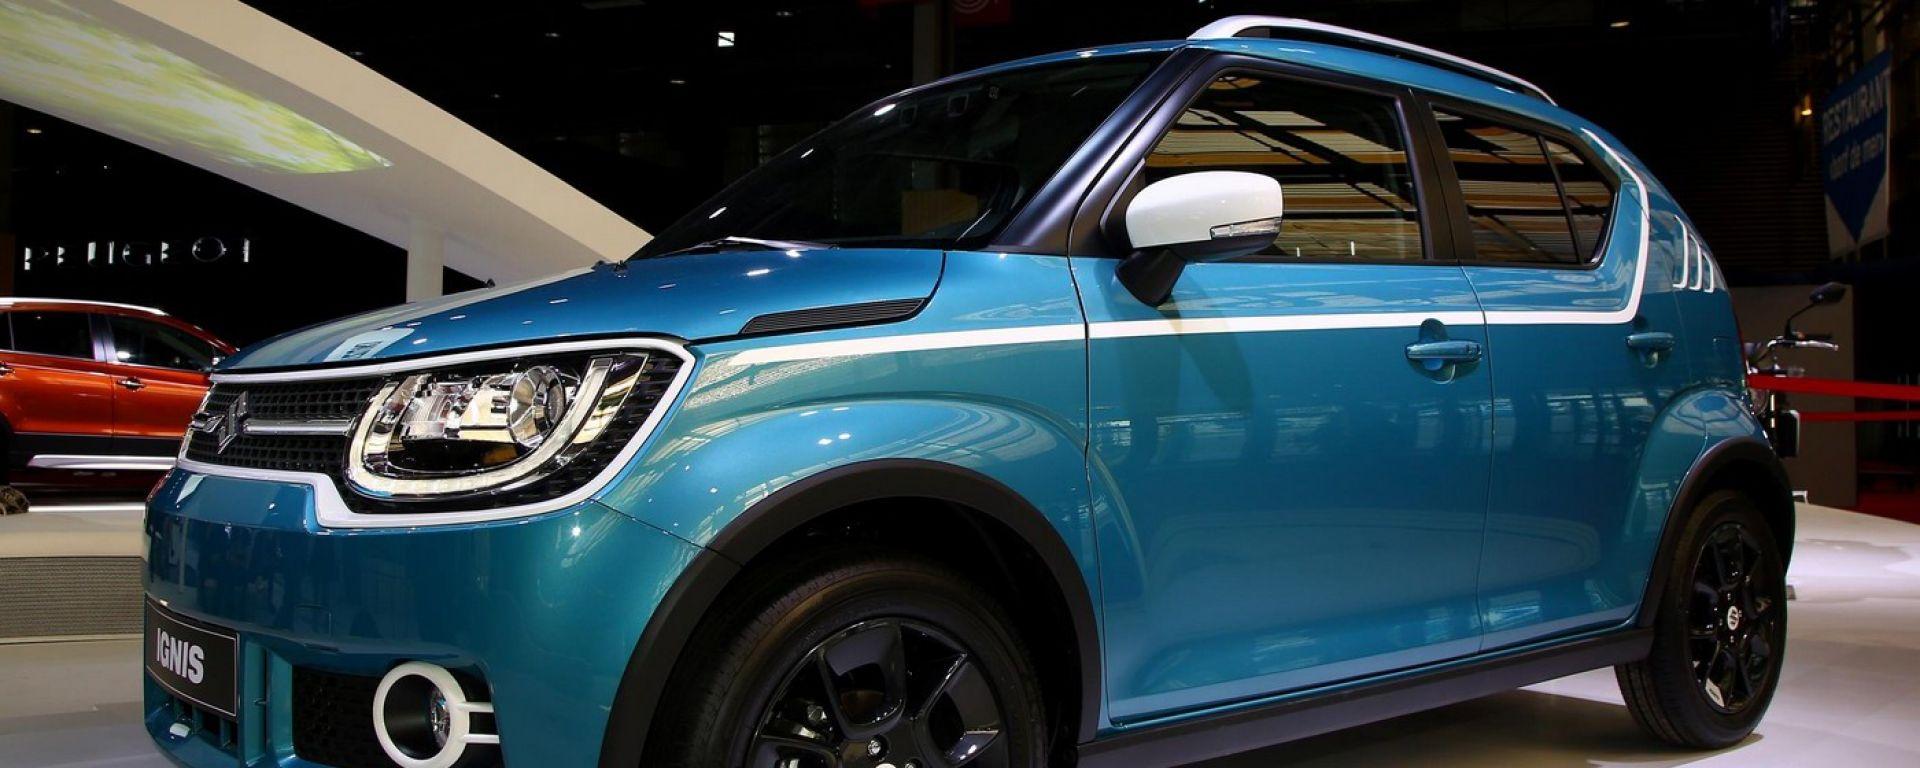 Suzuki Ignis 2017: il suv diventa tascabile